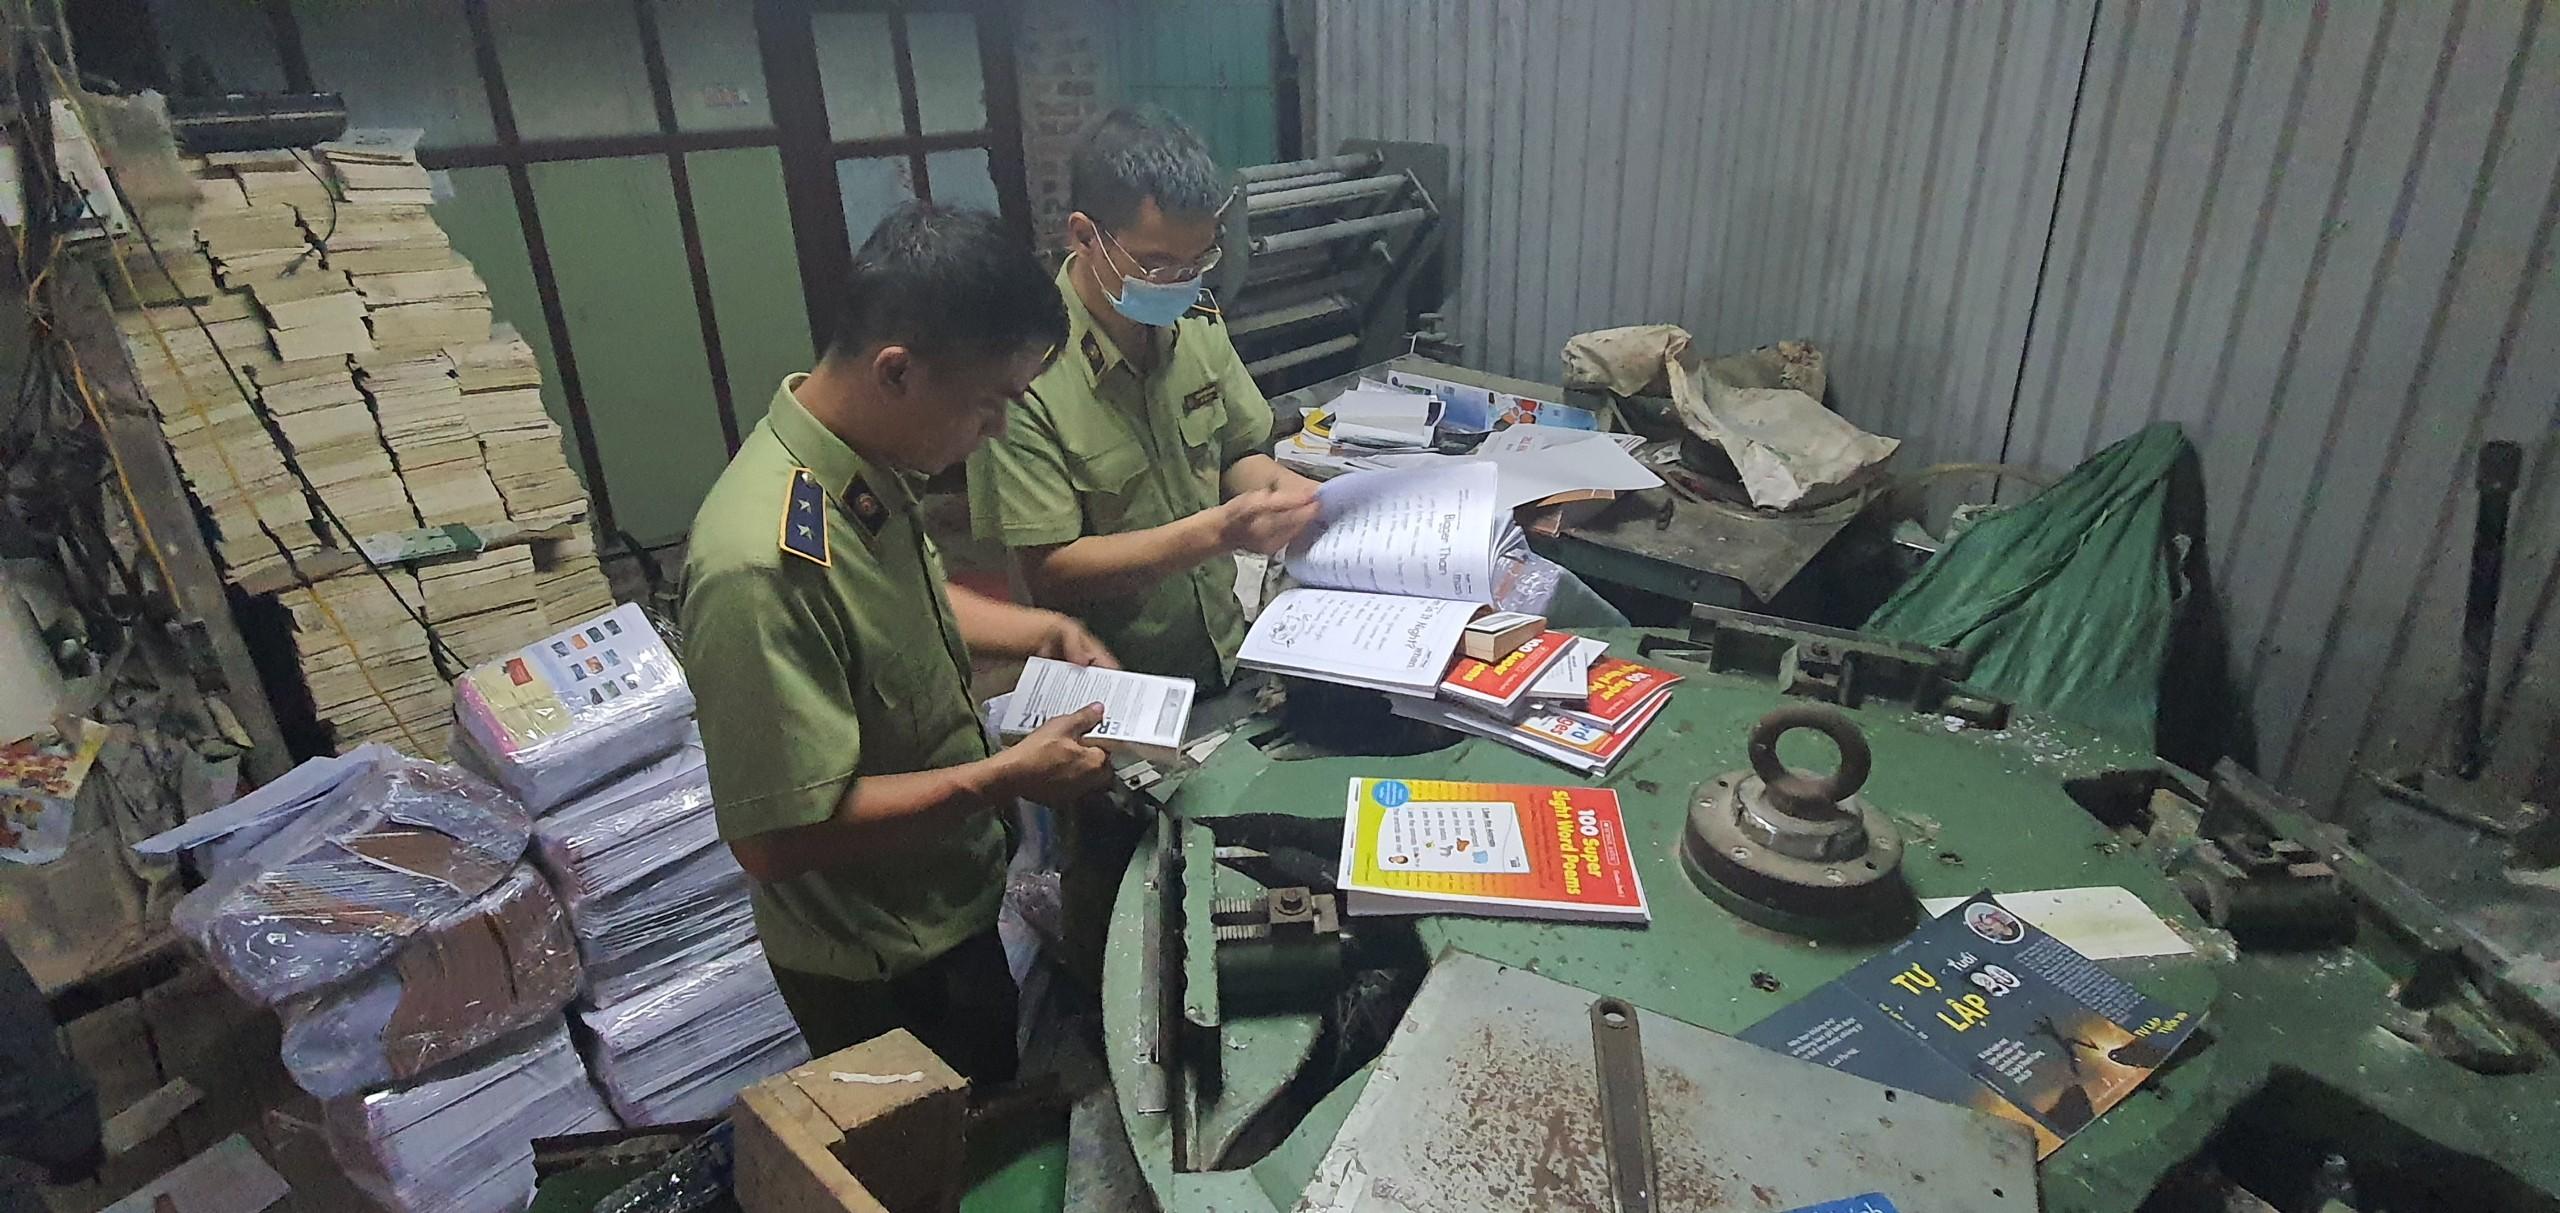 Thu giữ gần 4 tấn sách giả tại một xưởng sách tại Hà Nội - Ảnh 1.